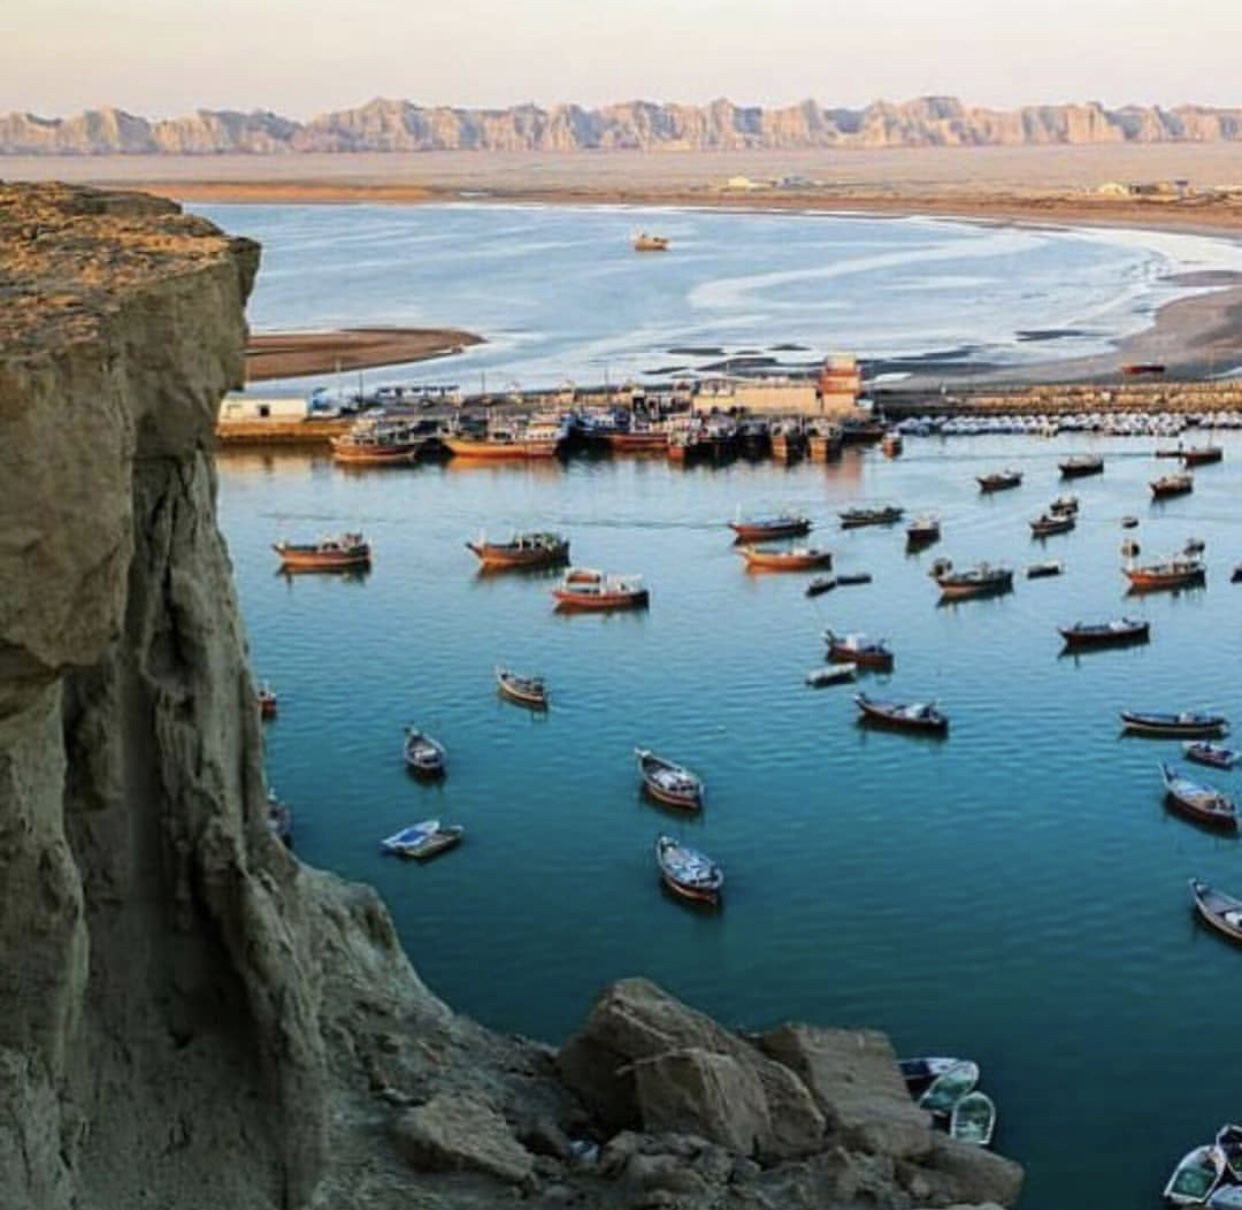 عدسة ايرانية: تشابهار جنوبي شرق ايران 1